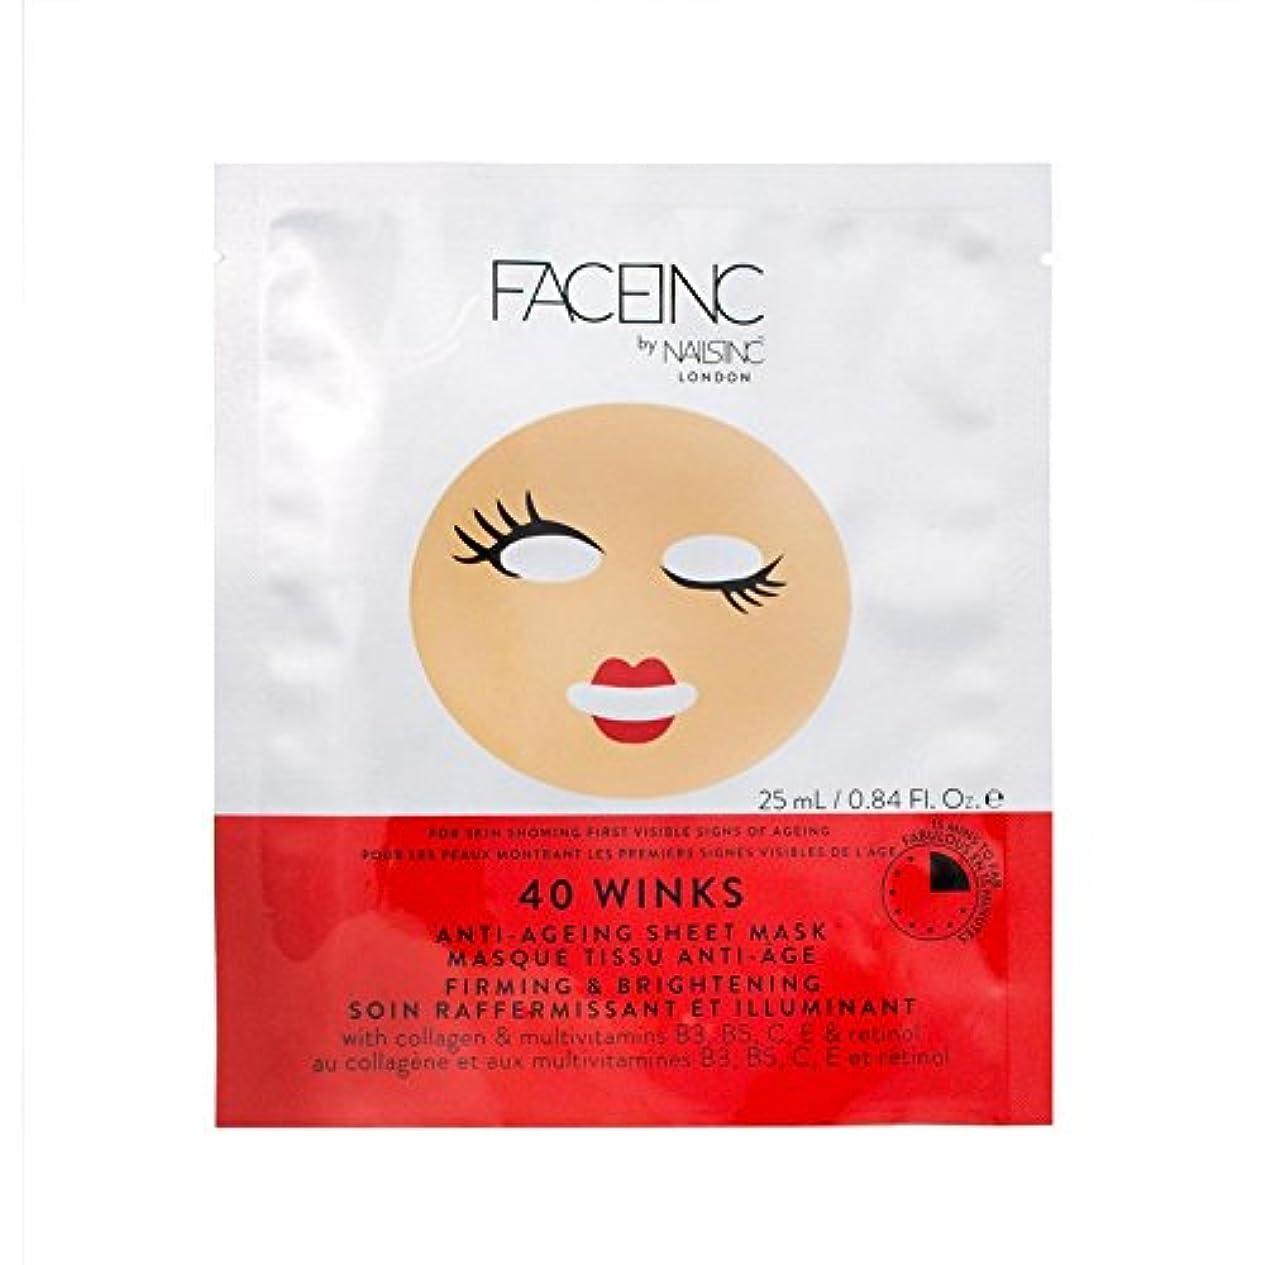 愛情深い別々に部族爪が株式会社顔株式会社40のウィンクは、マスク x2 - Nails Inc. Face Inc 40 Winks Mask (Pack of 2) [並行輸入品]